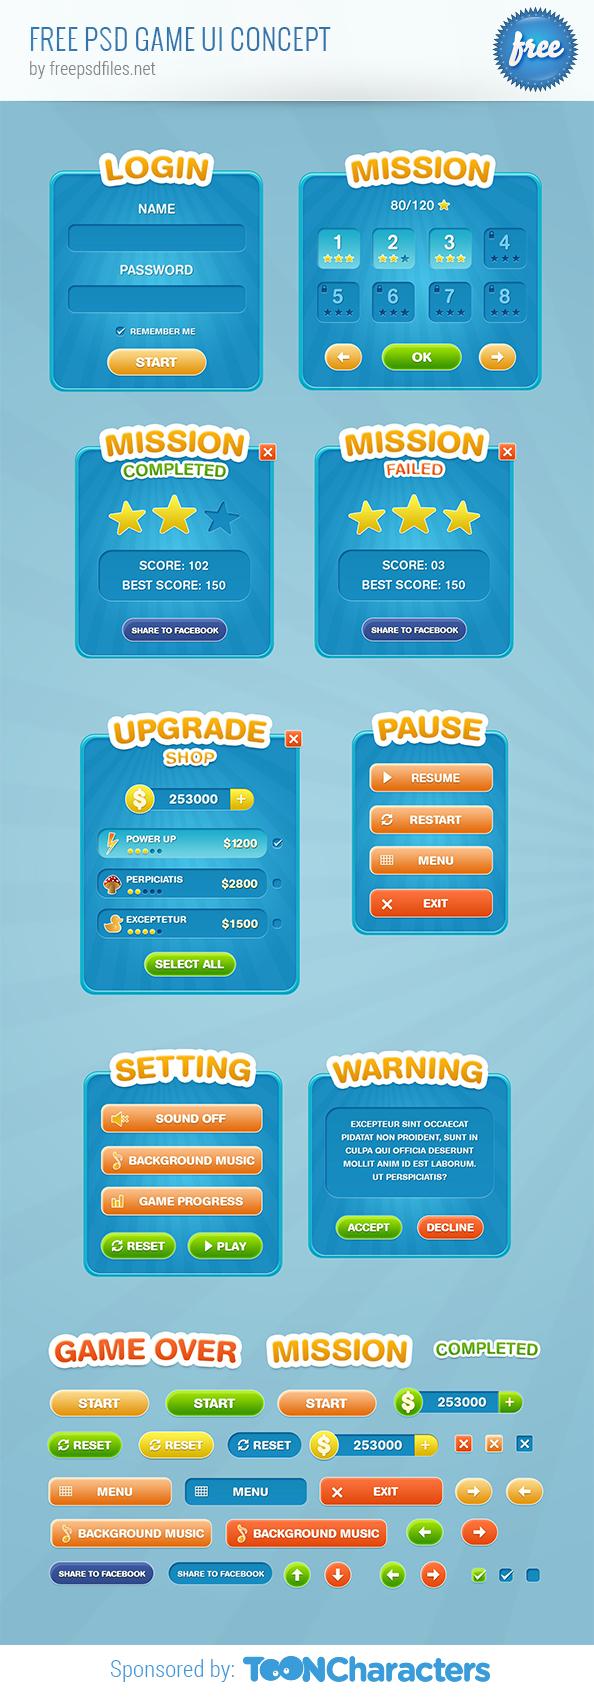 Free PSD Game UI Concept